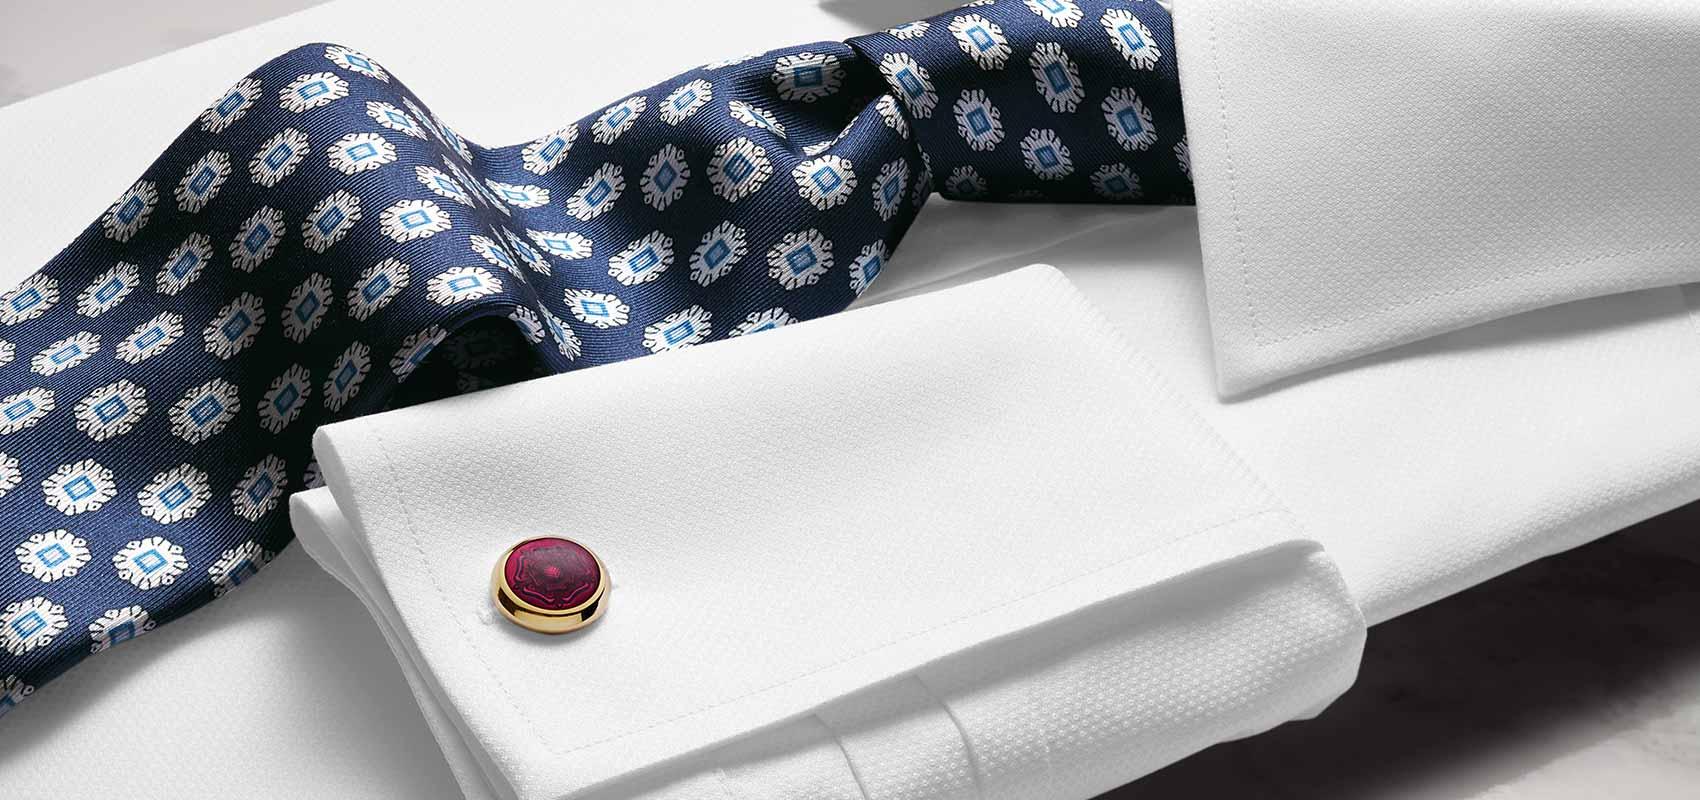 Charles Tyrwhitt navy and white ties